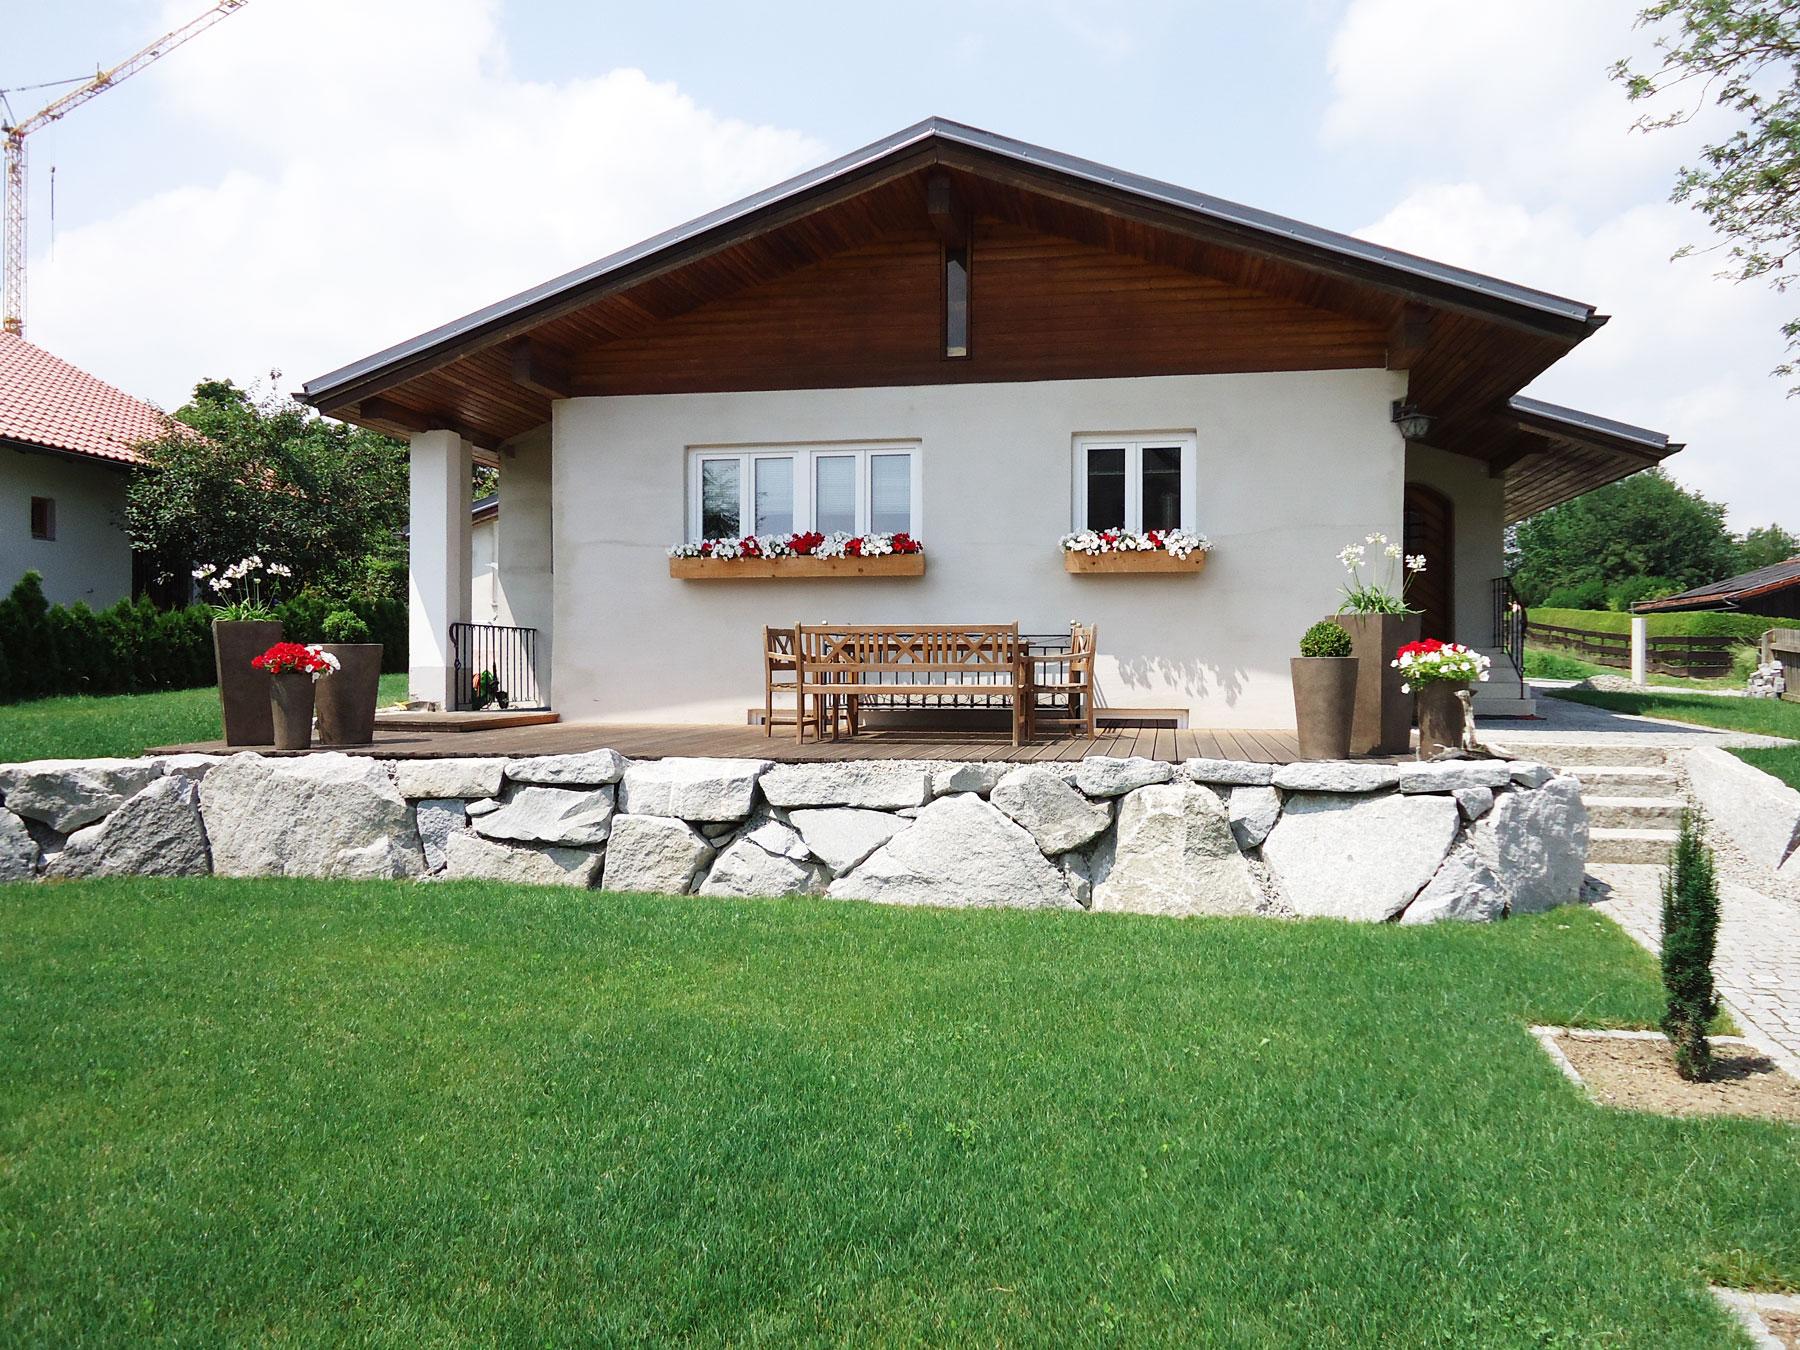 Natursteinmauer aus Granit